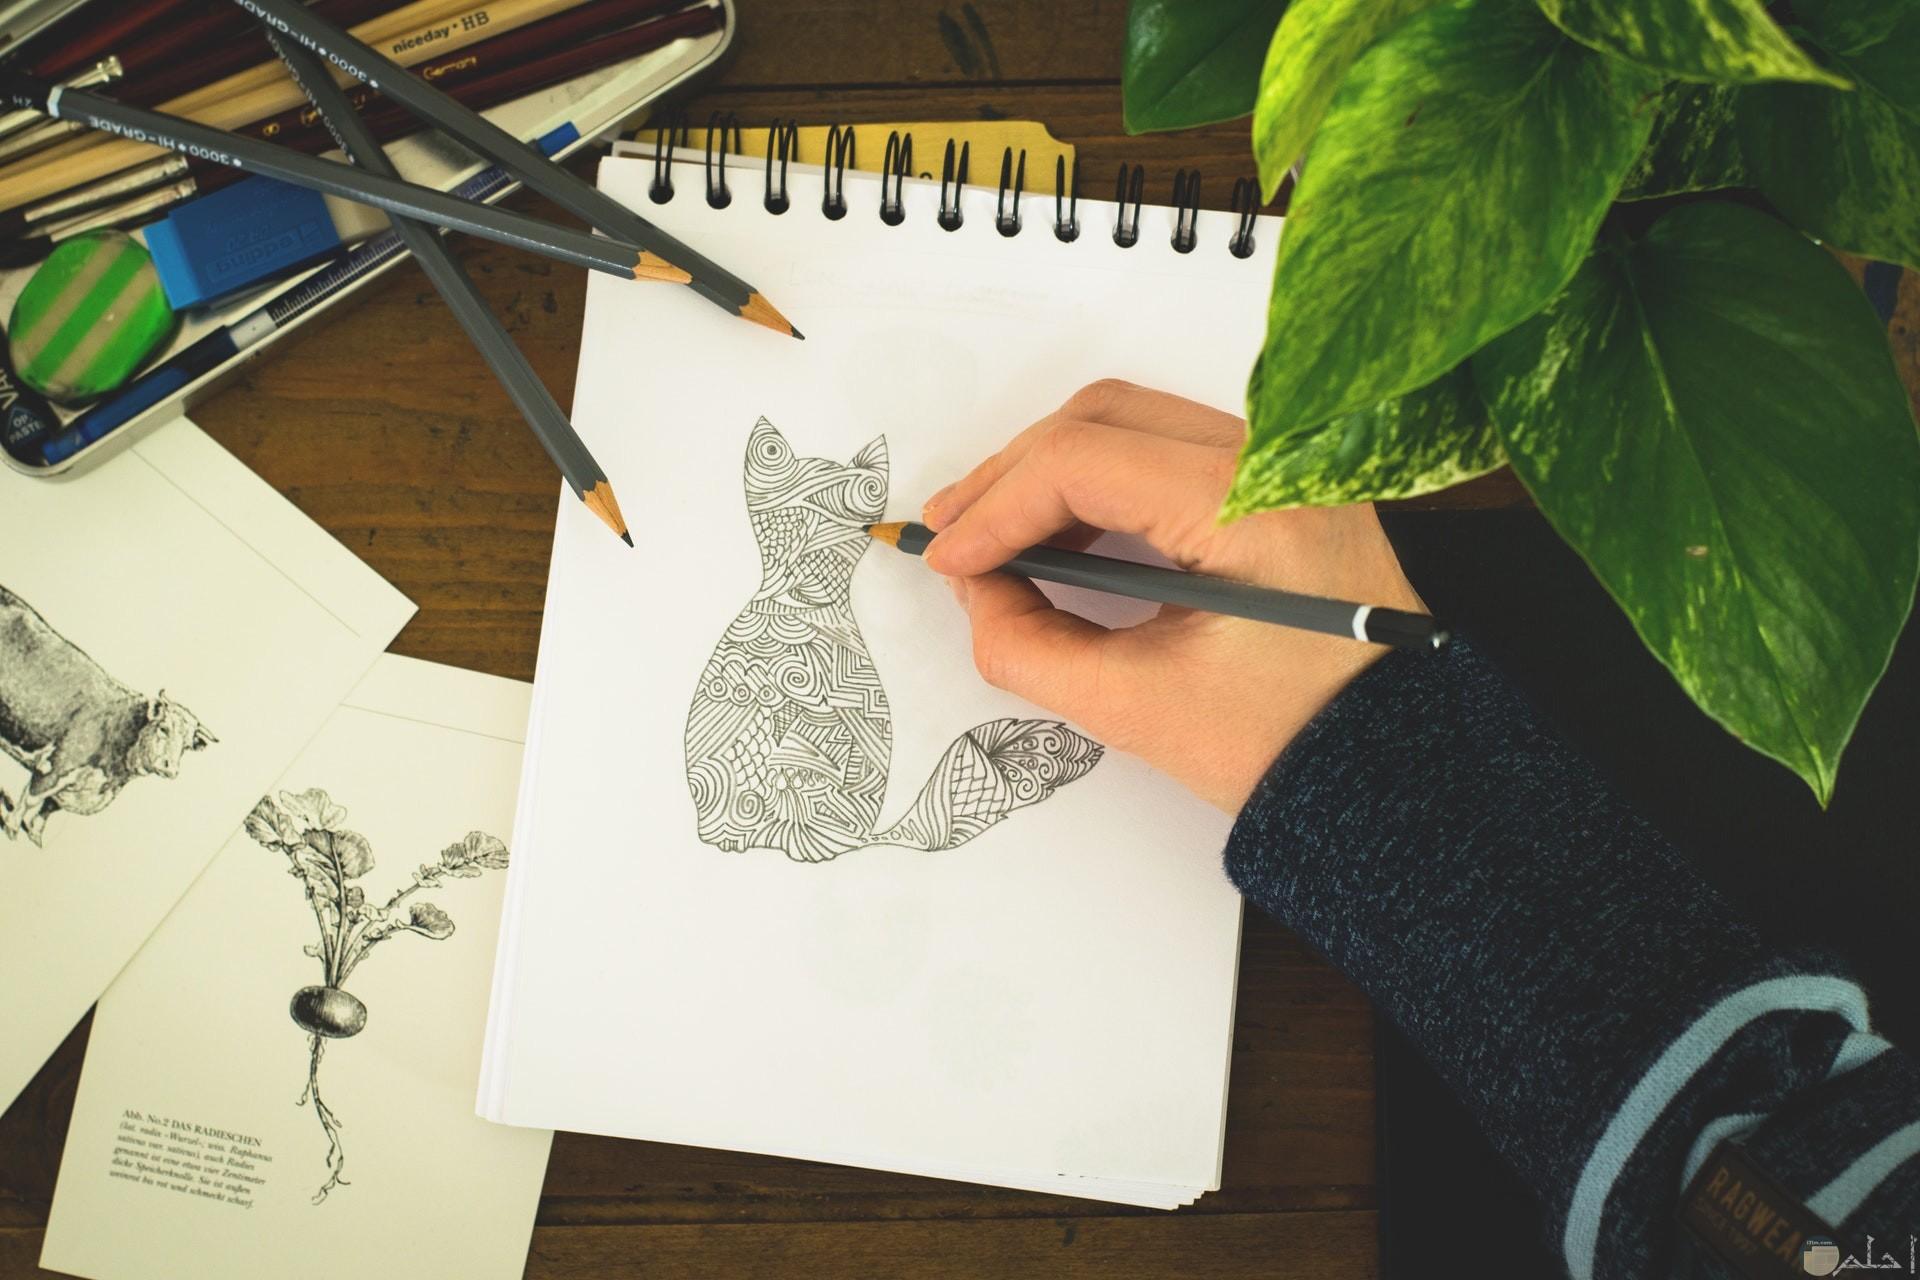 صورة رسمة قطة بالقلم الرصاص في الدفتر